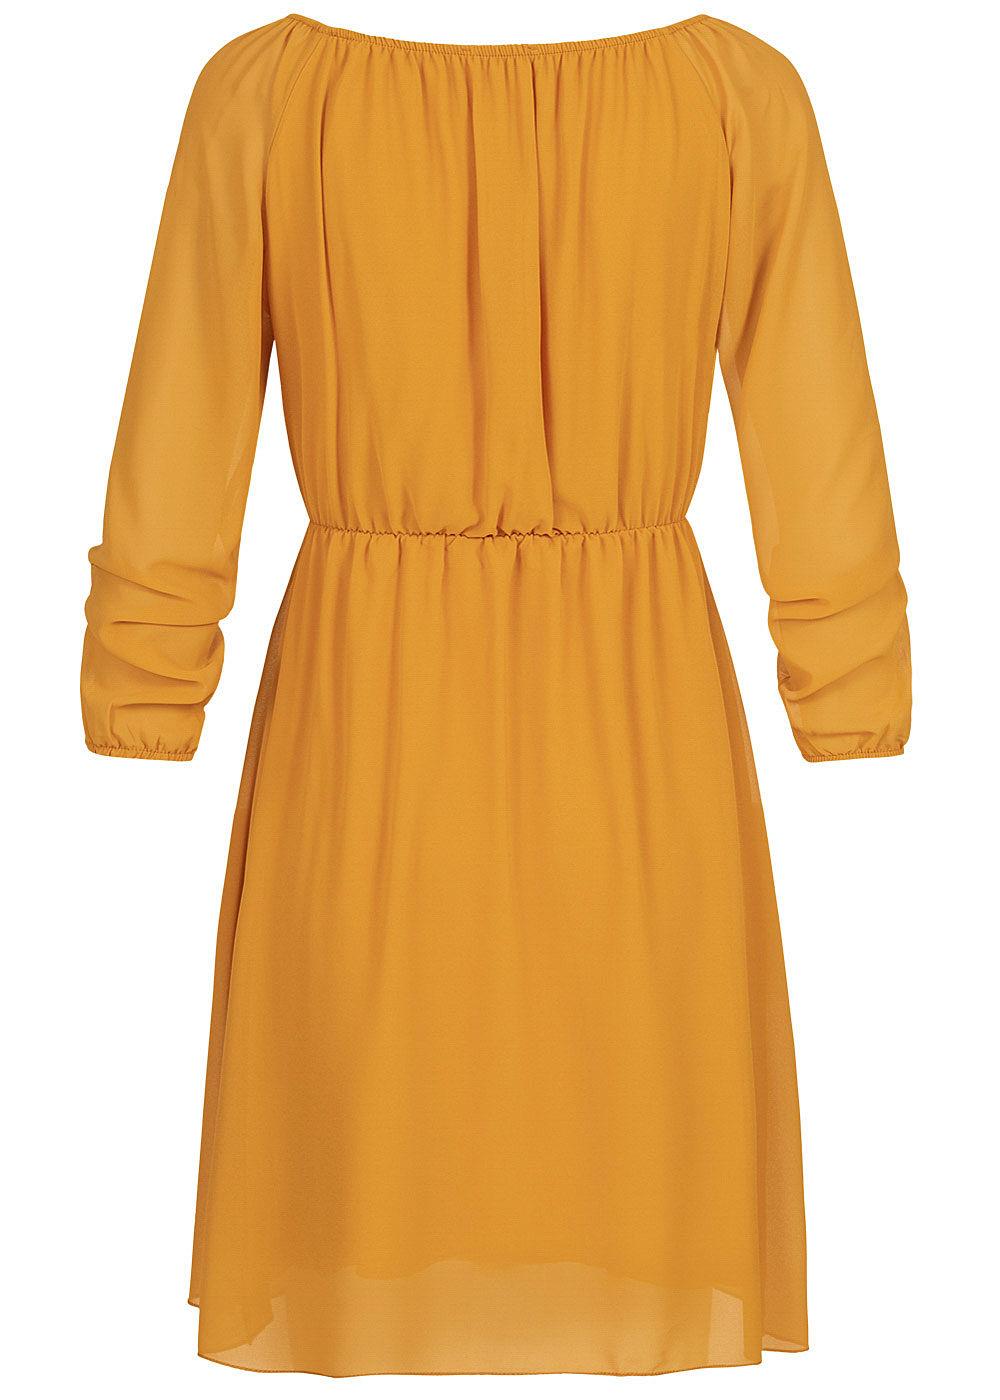 Hailys Damen Off-Shoulder Chiffon Kleid 2-lagig curry gelb ...